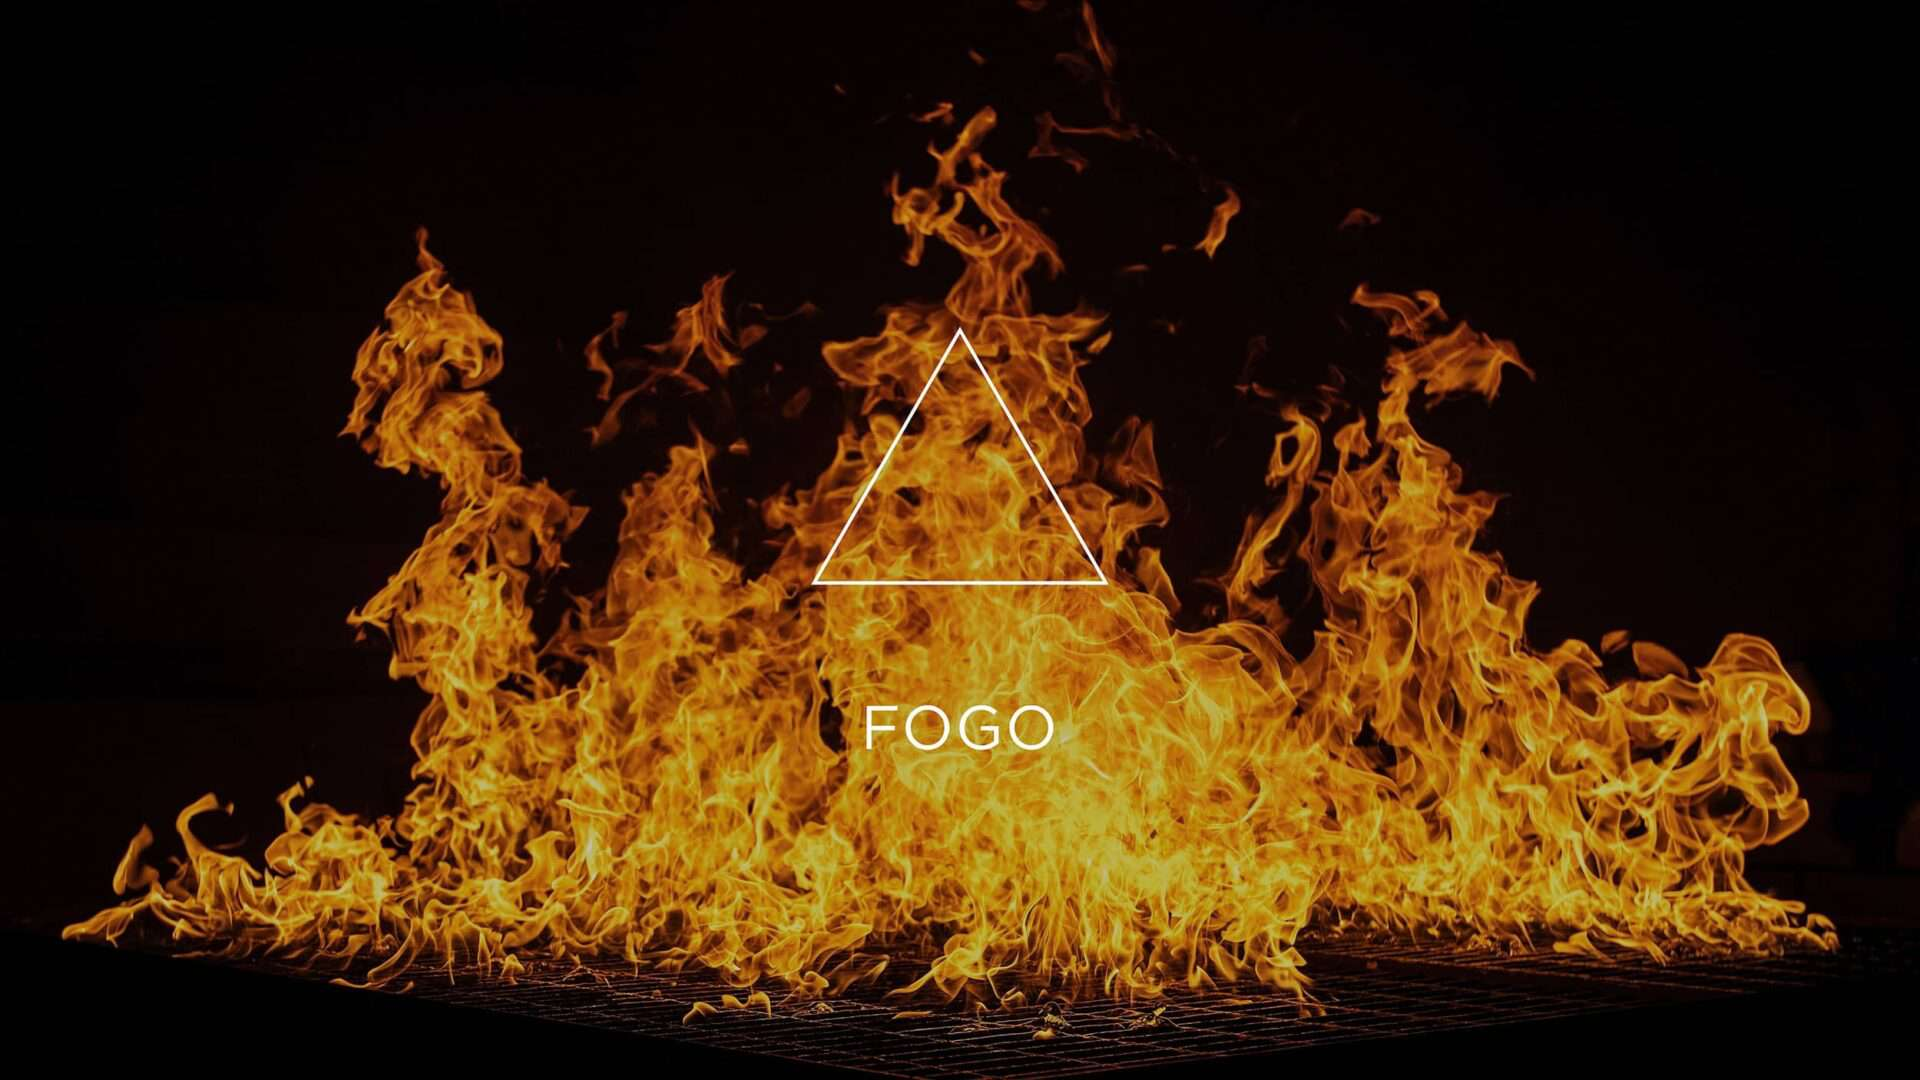 Labaredas de fogo e o símbolo do elemento Fogo